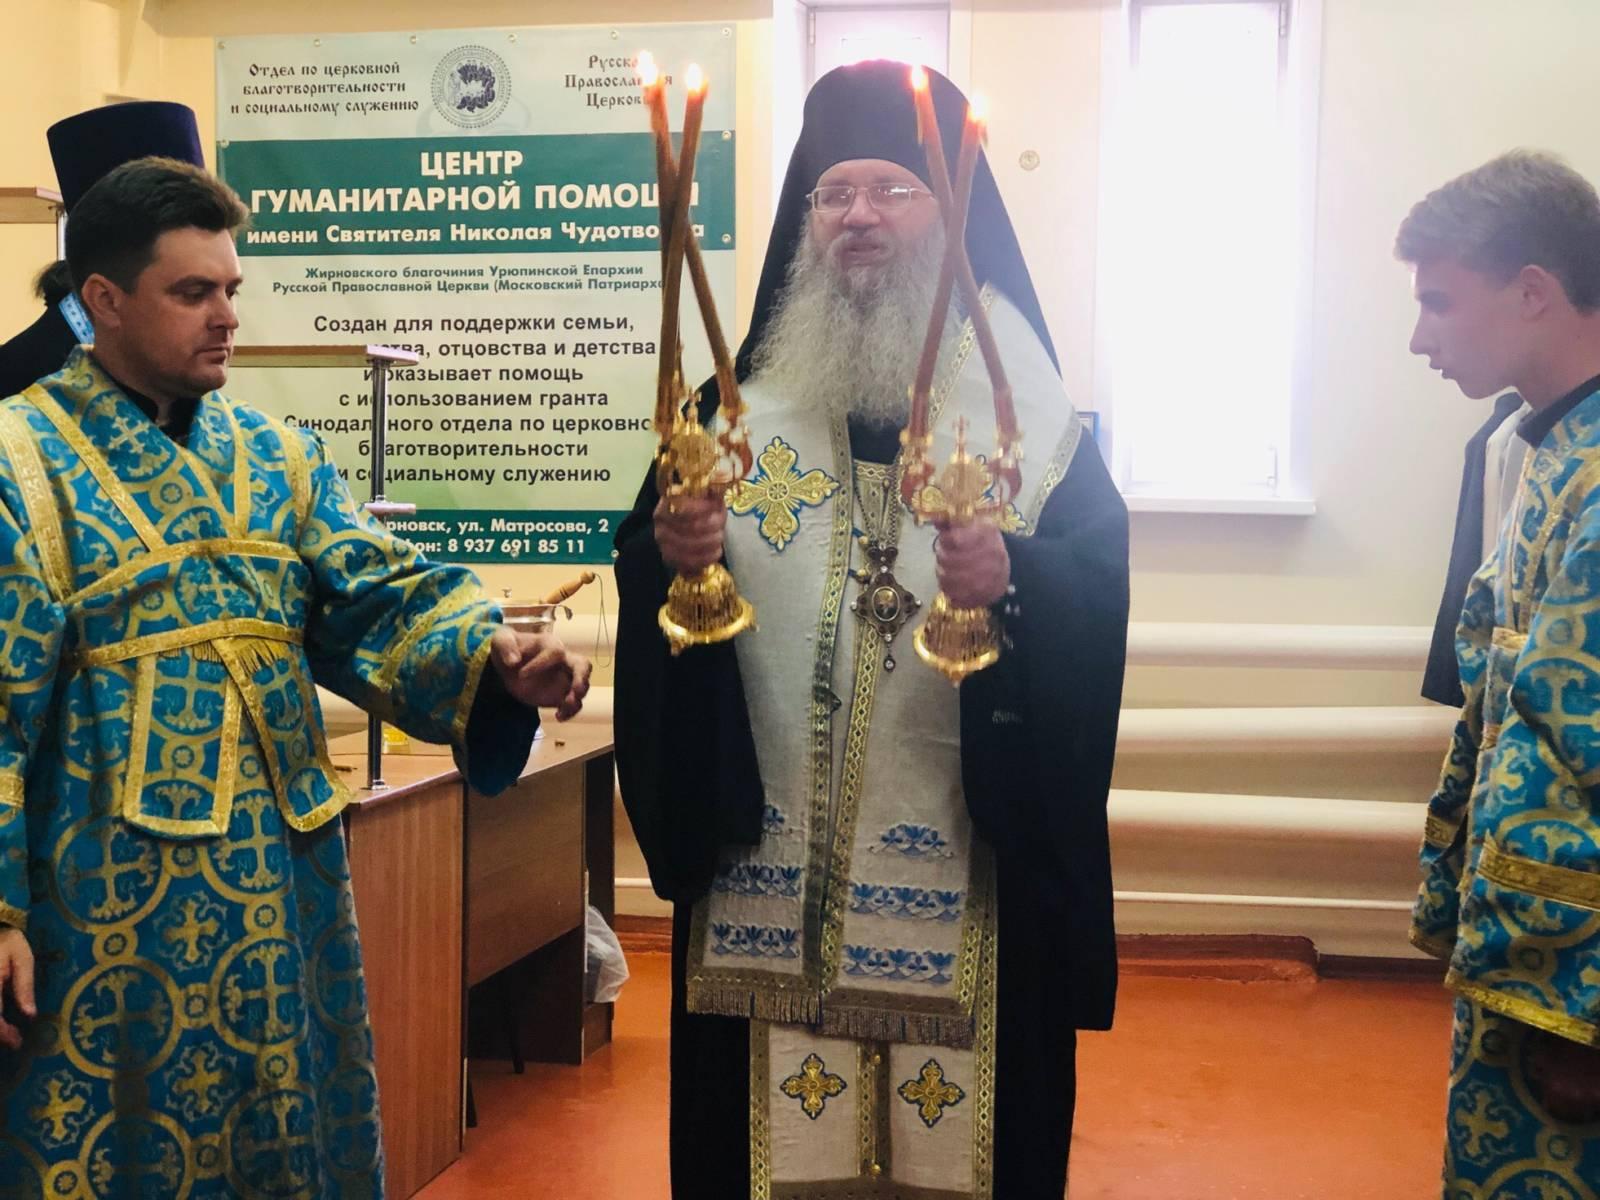 Открытие гуманитарного центра в Жирновске